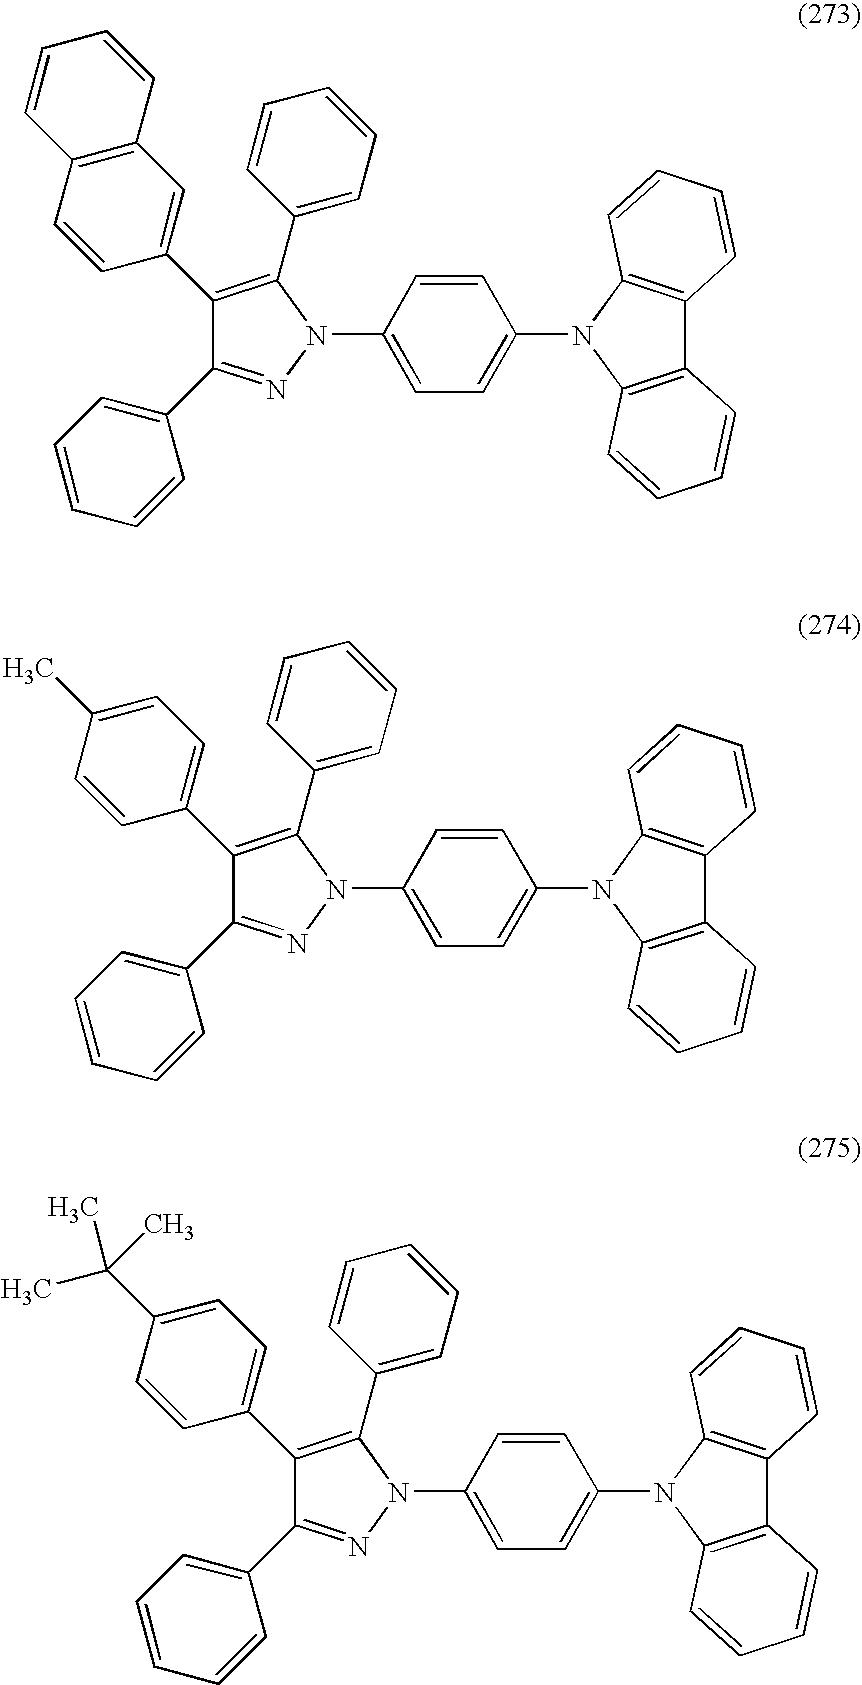 Figure US08551625-20131008-C00089